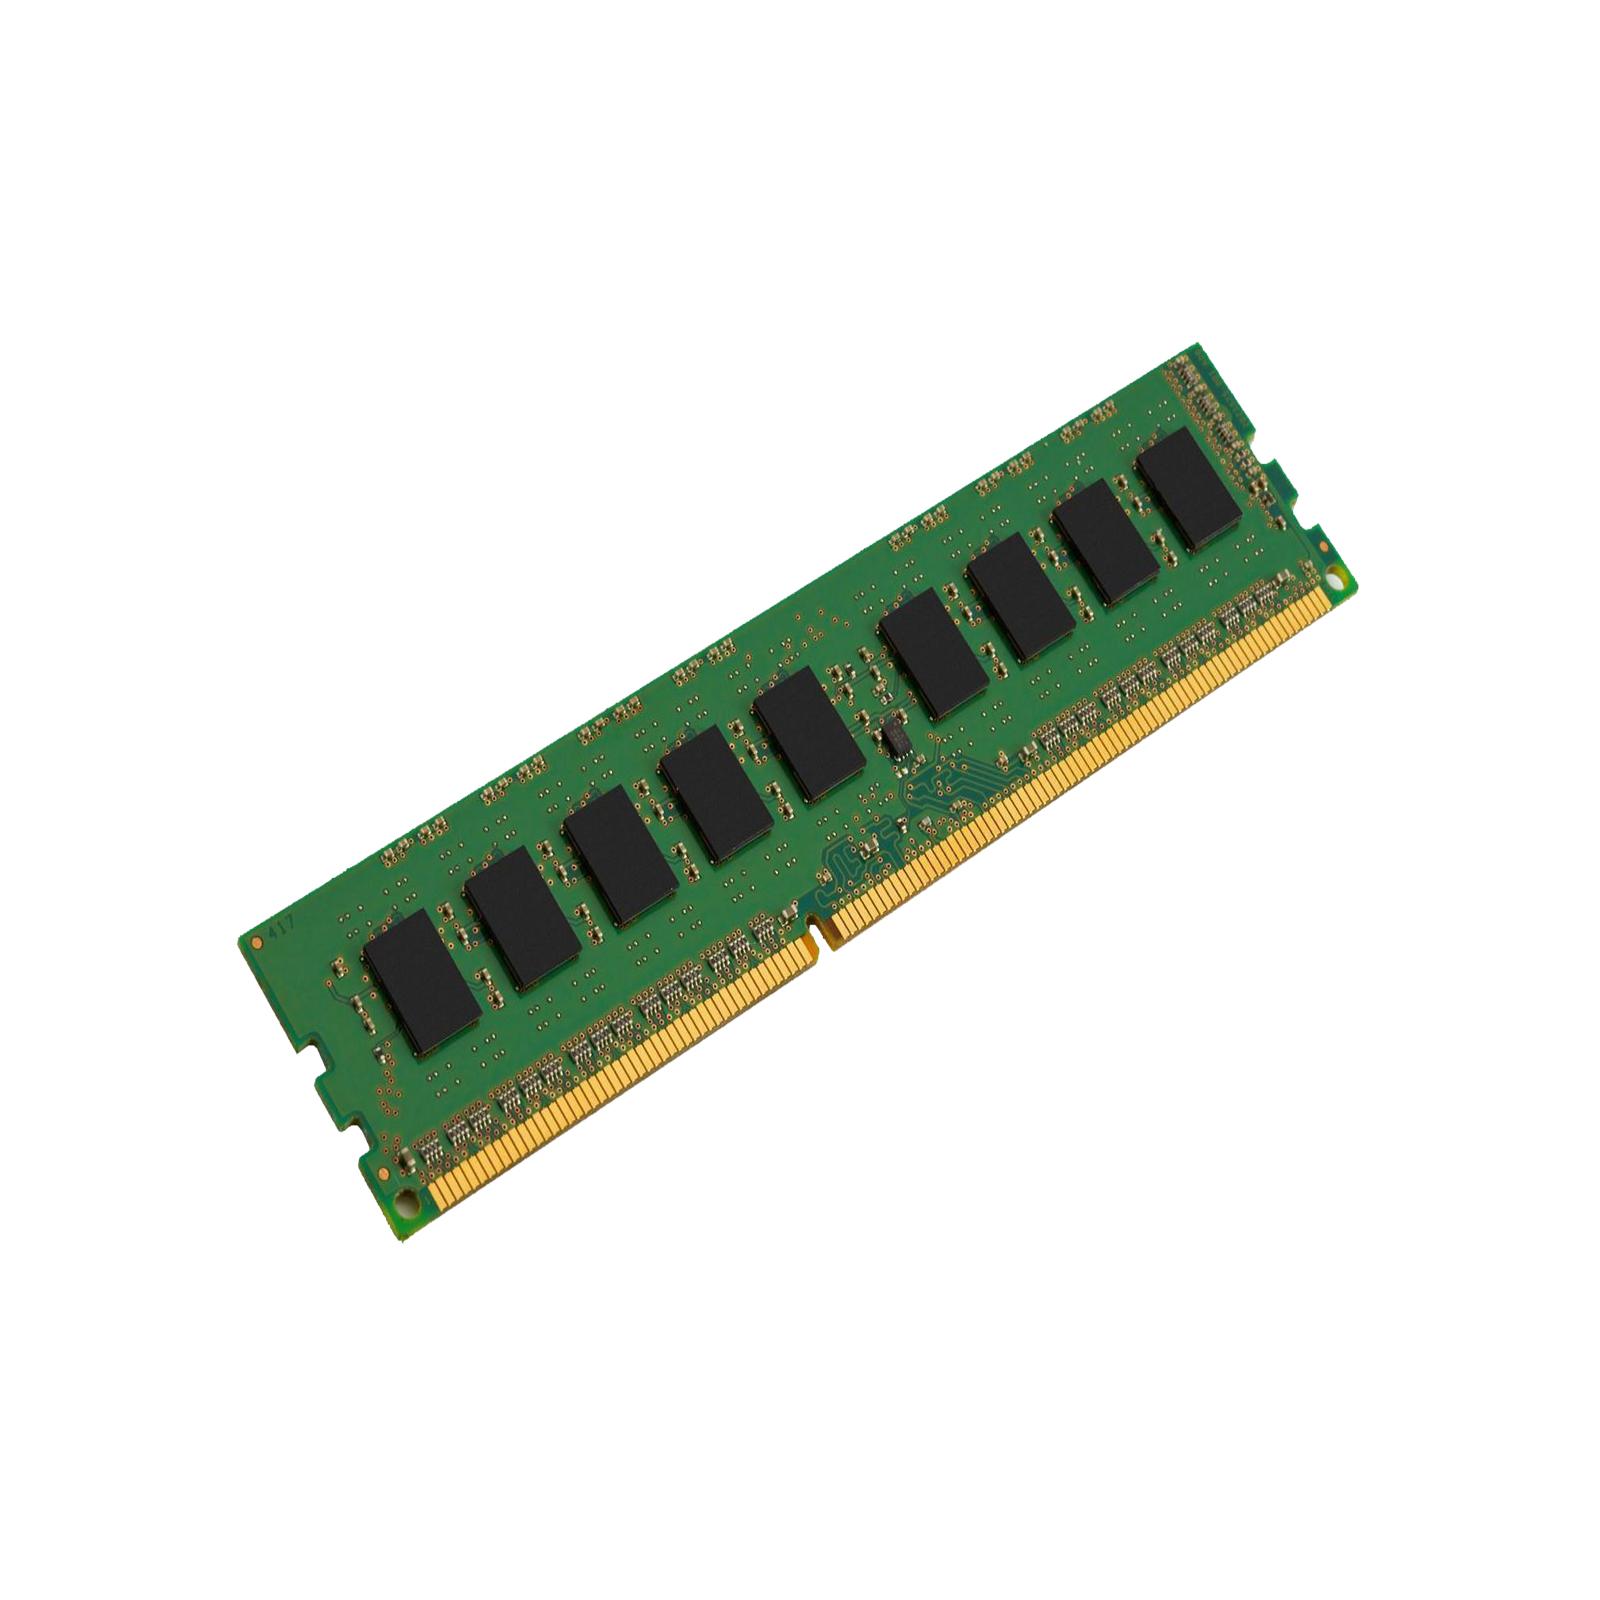 FUJITSU 8GB 1Rx4 L DDR3-1600 R Bulkware Verpackung